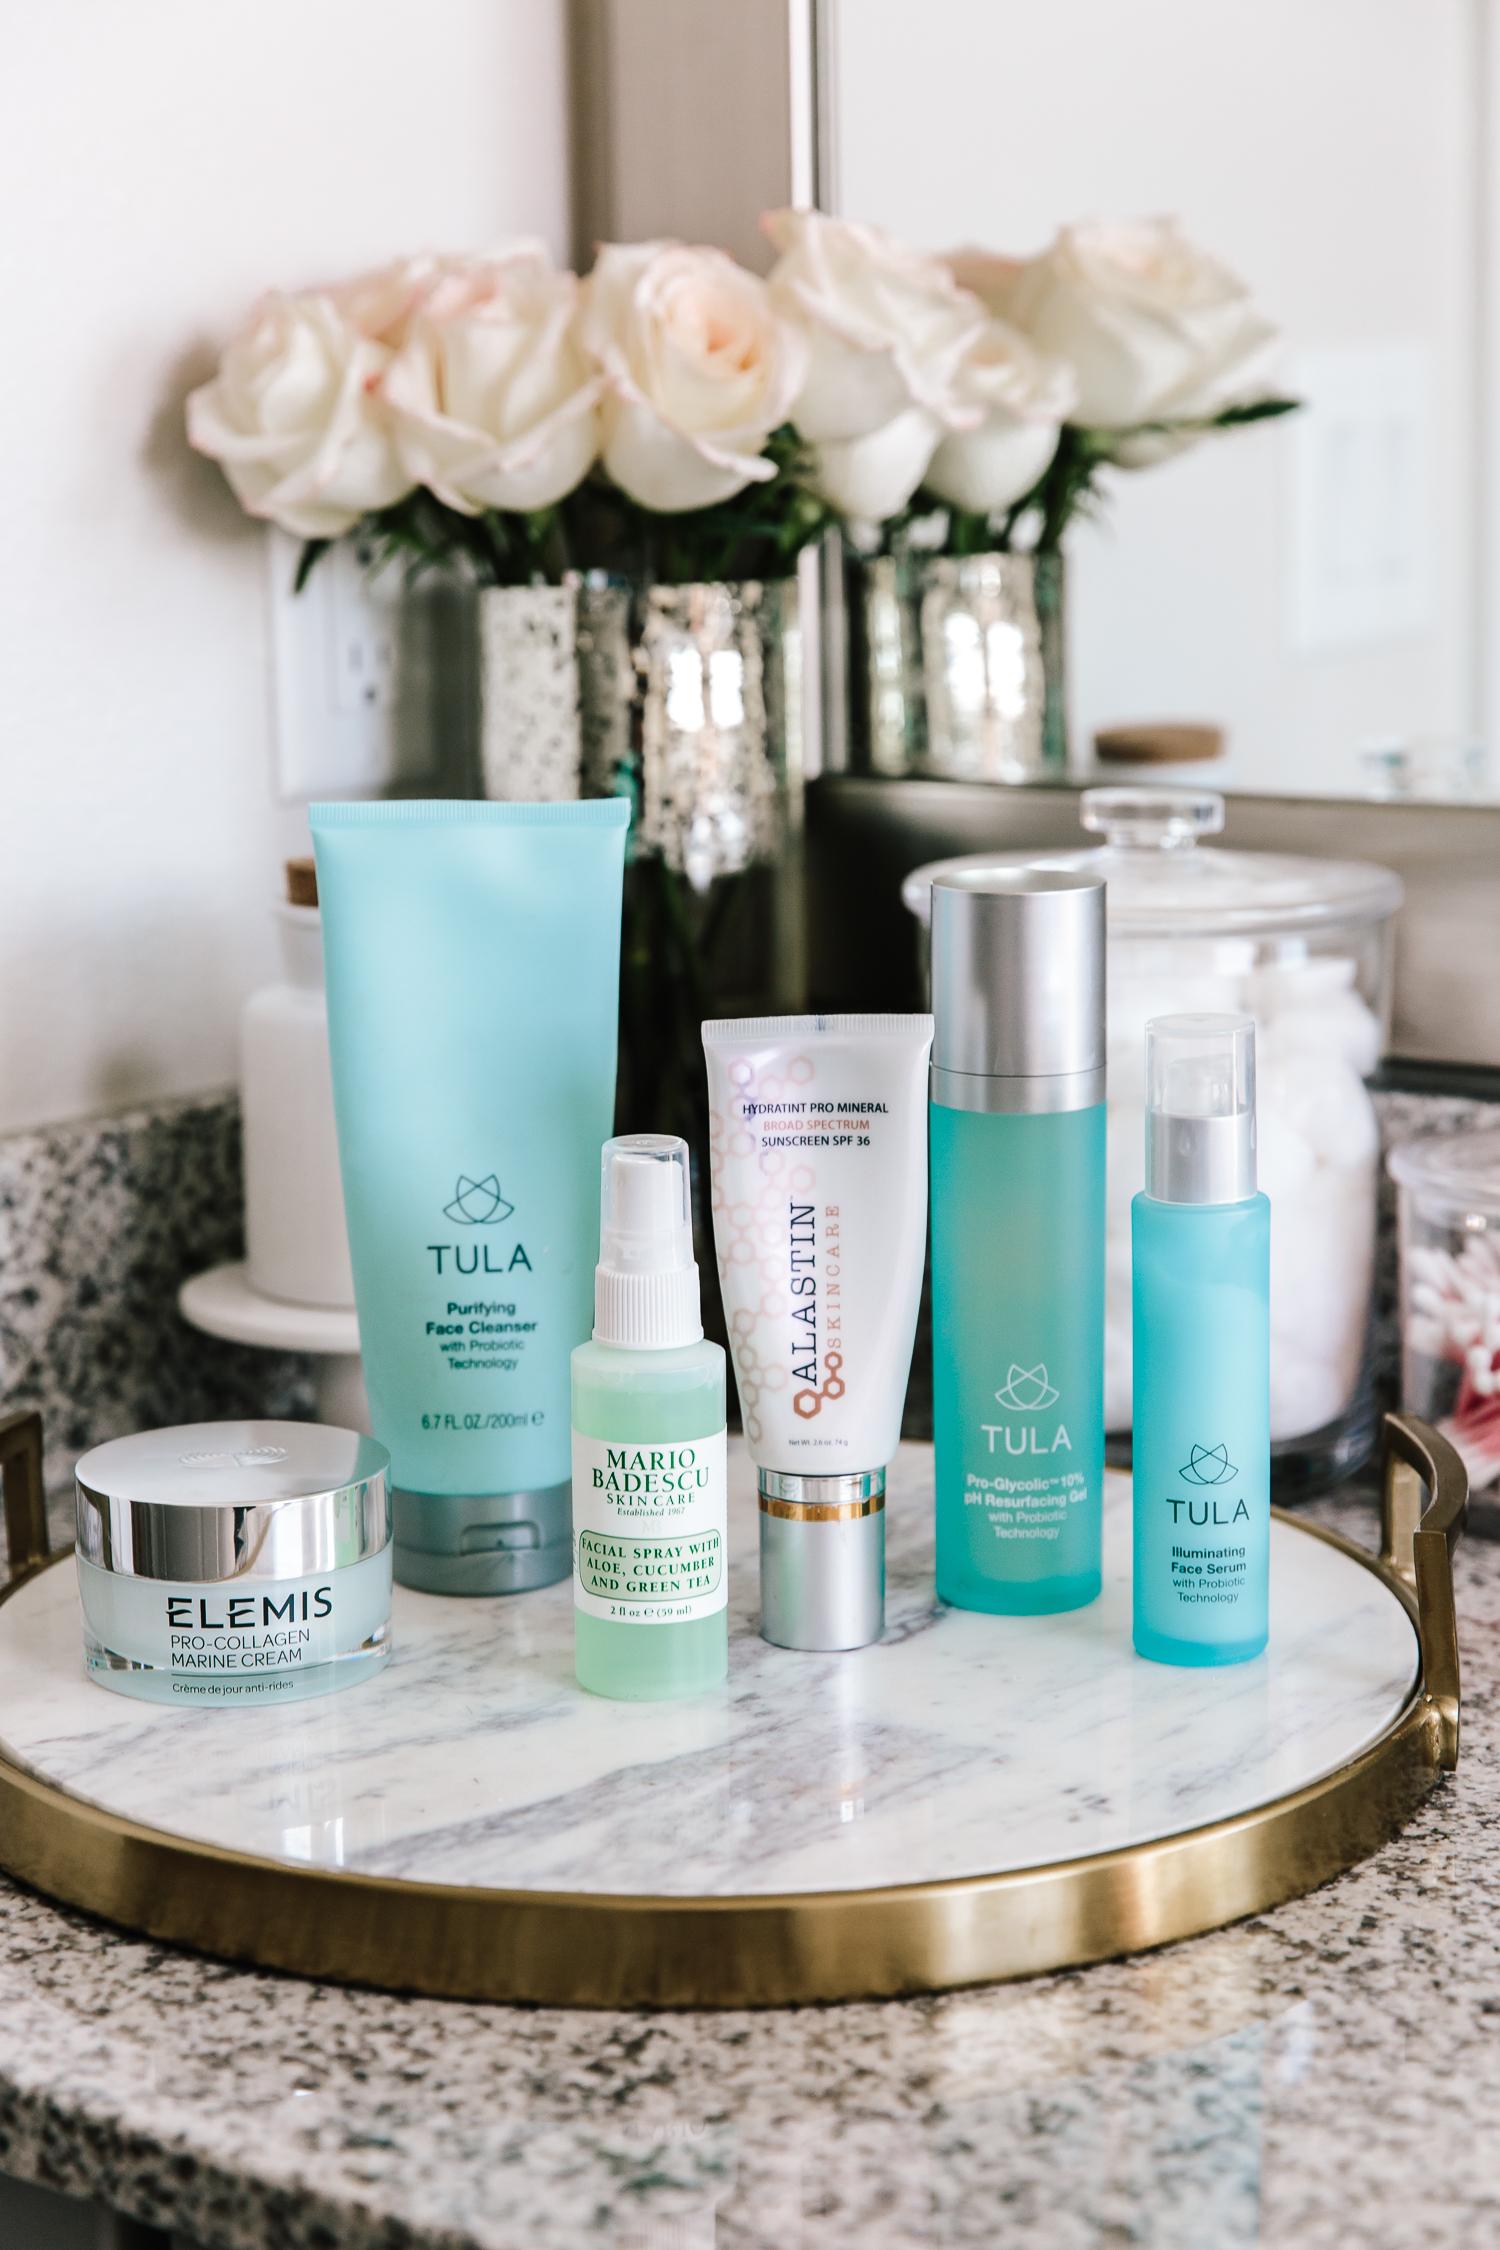 skin care routine, elemis, morning skincare, skincare, beauty, tula